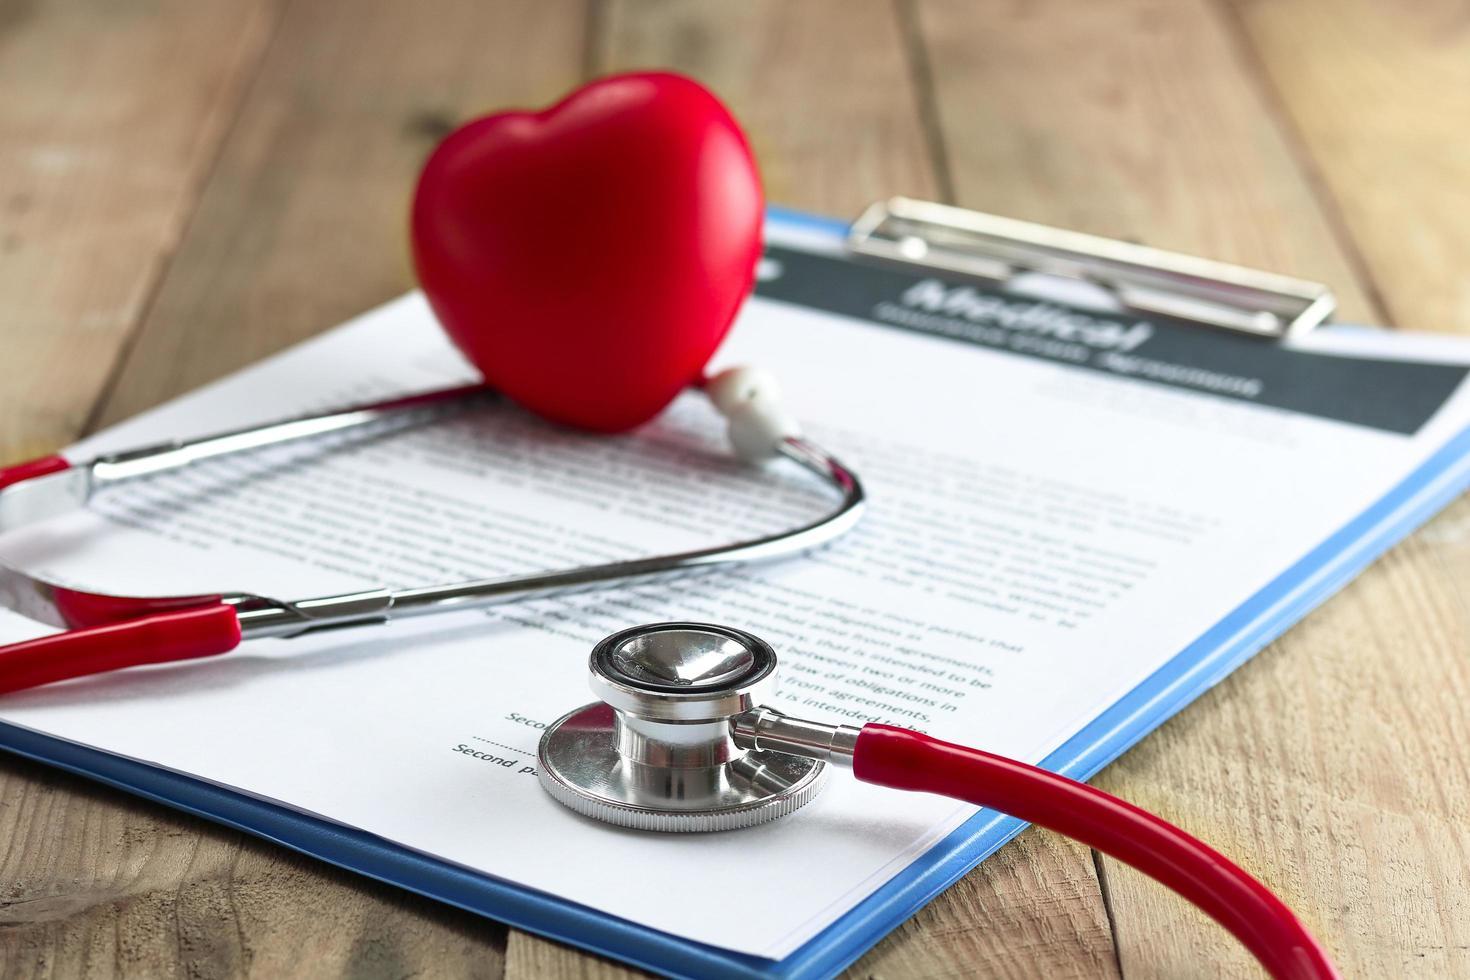 Estetoscopio rojo y corazón en el portapapeles foto